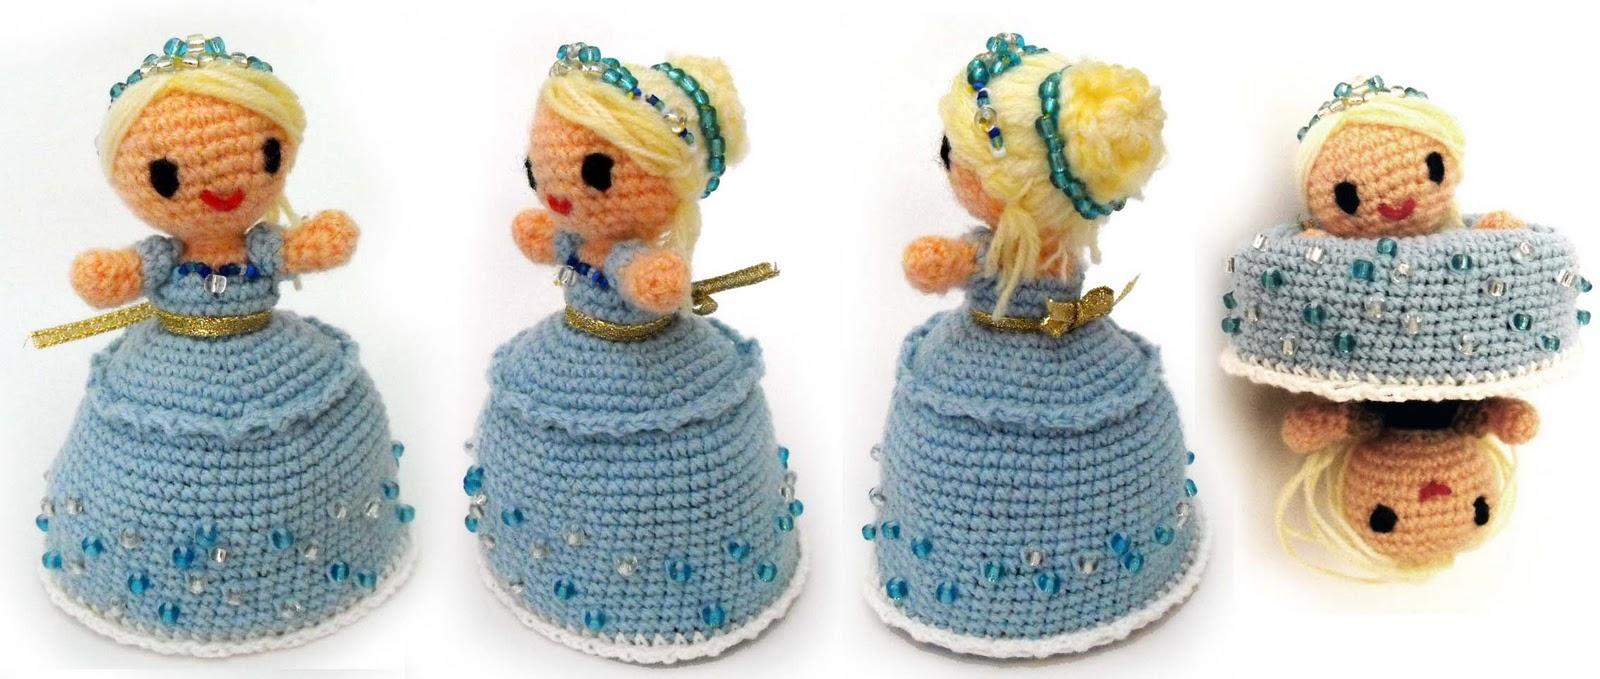 Patrones para hacer muñecas amigurumi (3) | DulcesAmigus